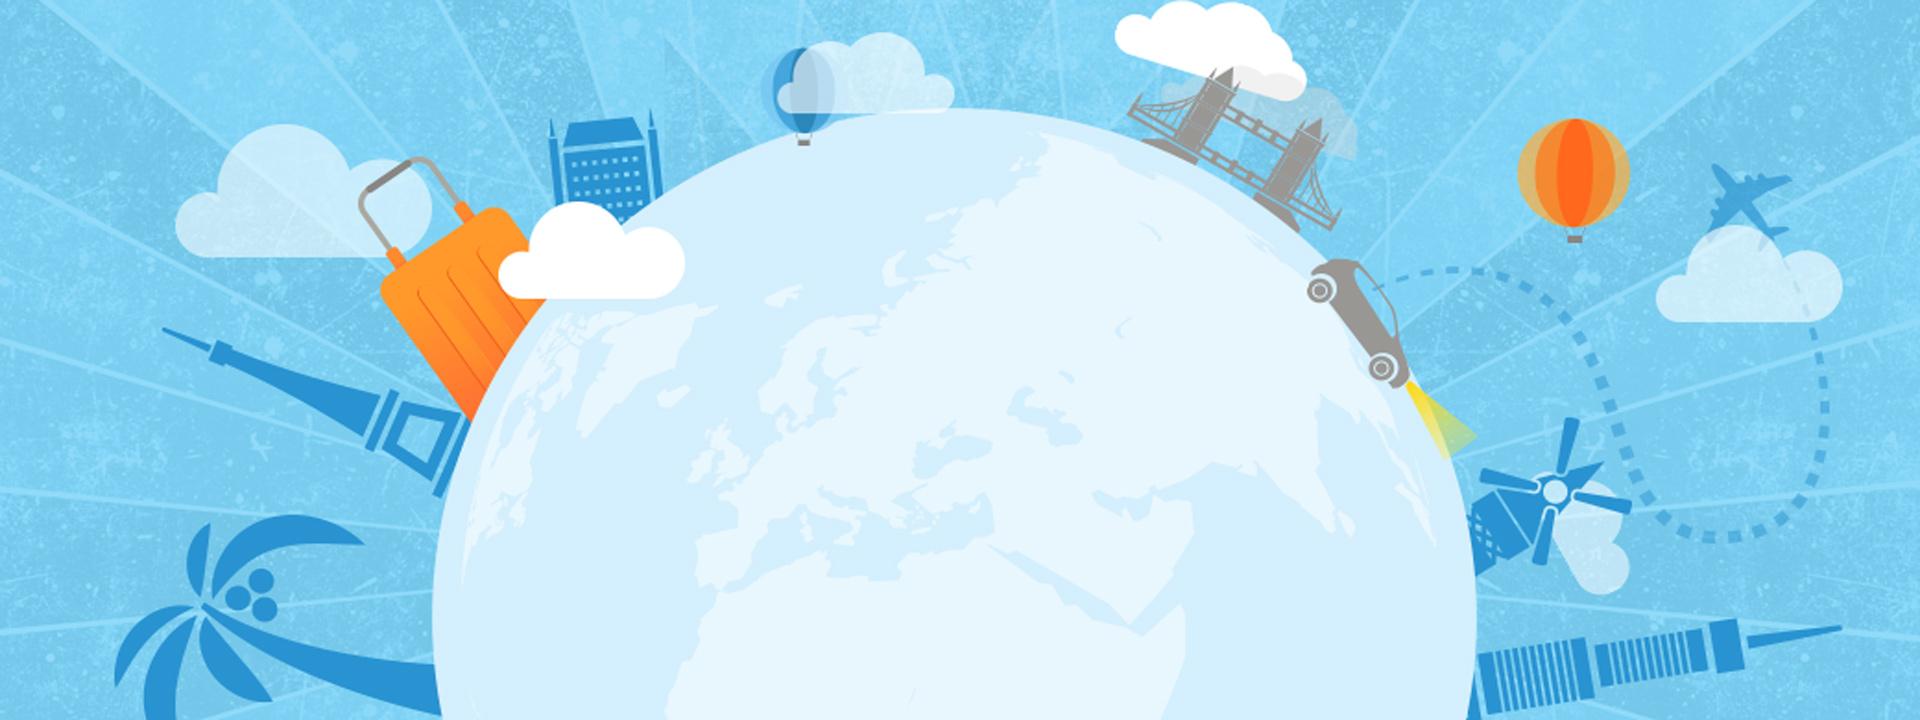 地球素材 生活背景图 免费banner 蓝色背景 地球